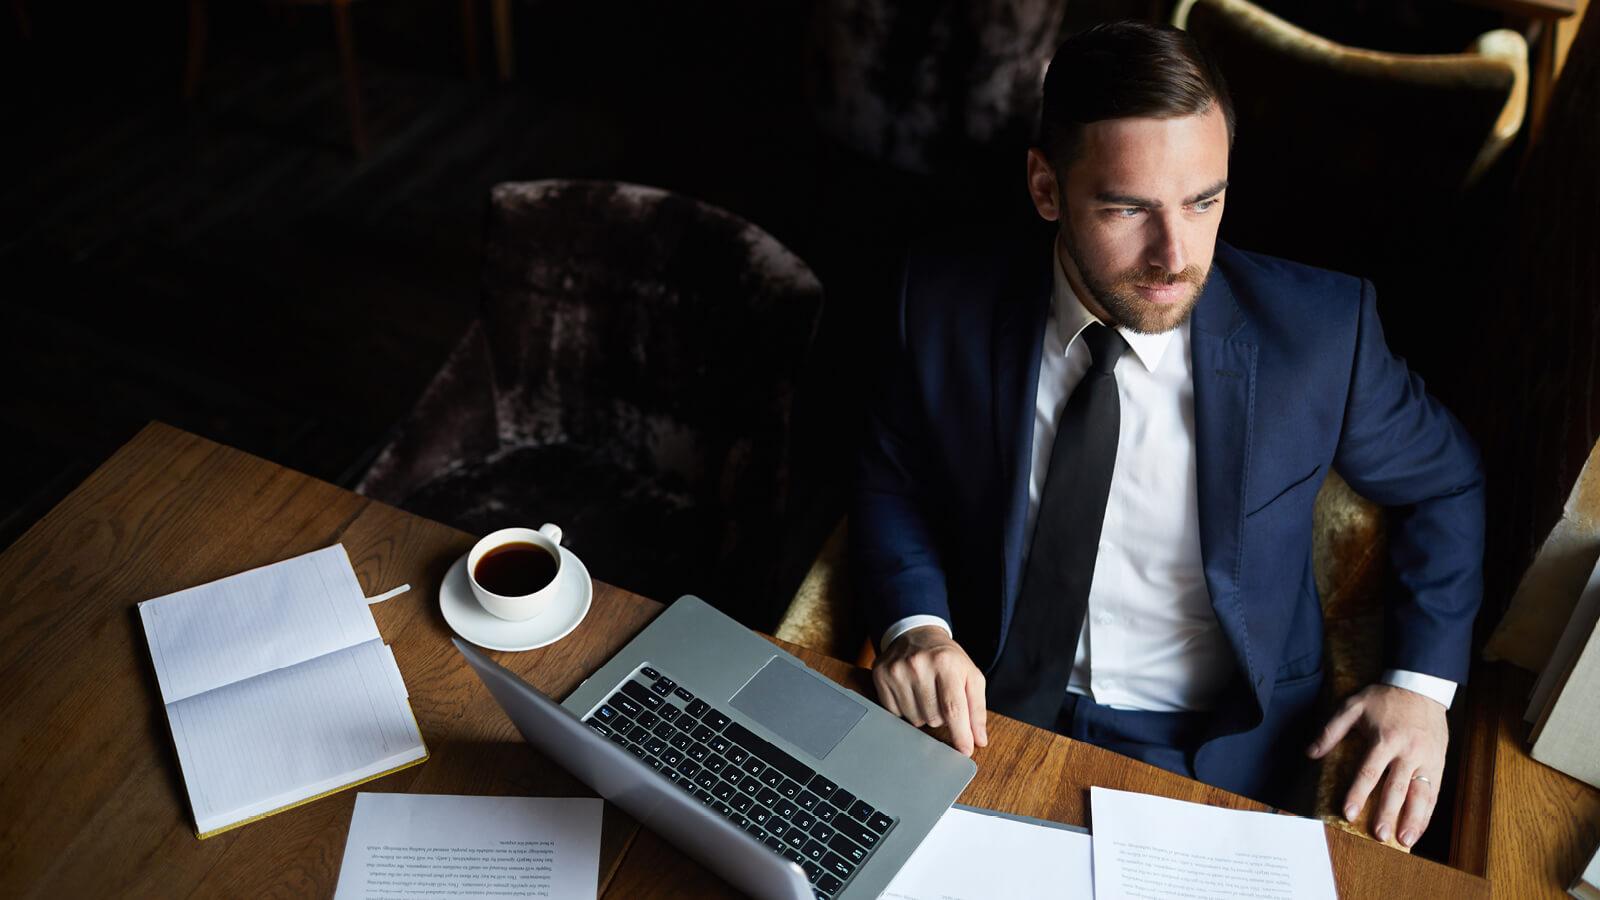 En mand der sidder og på hans kontor, han kigger ud af vinduet fordi han ikke har nogle bekymring omkring sikkerhed, da han har en effektiv Firewall